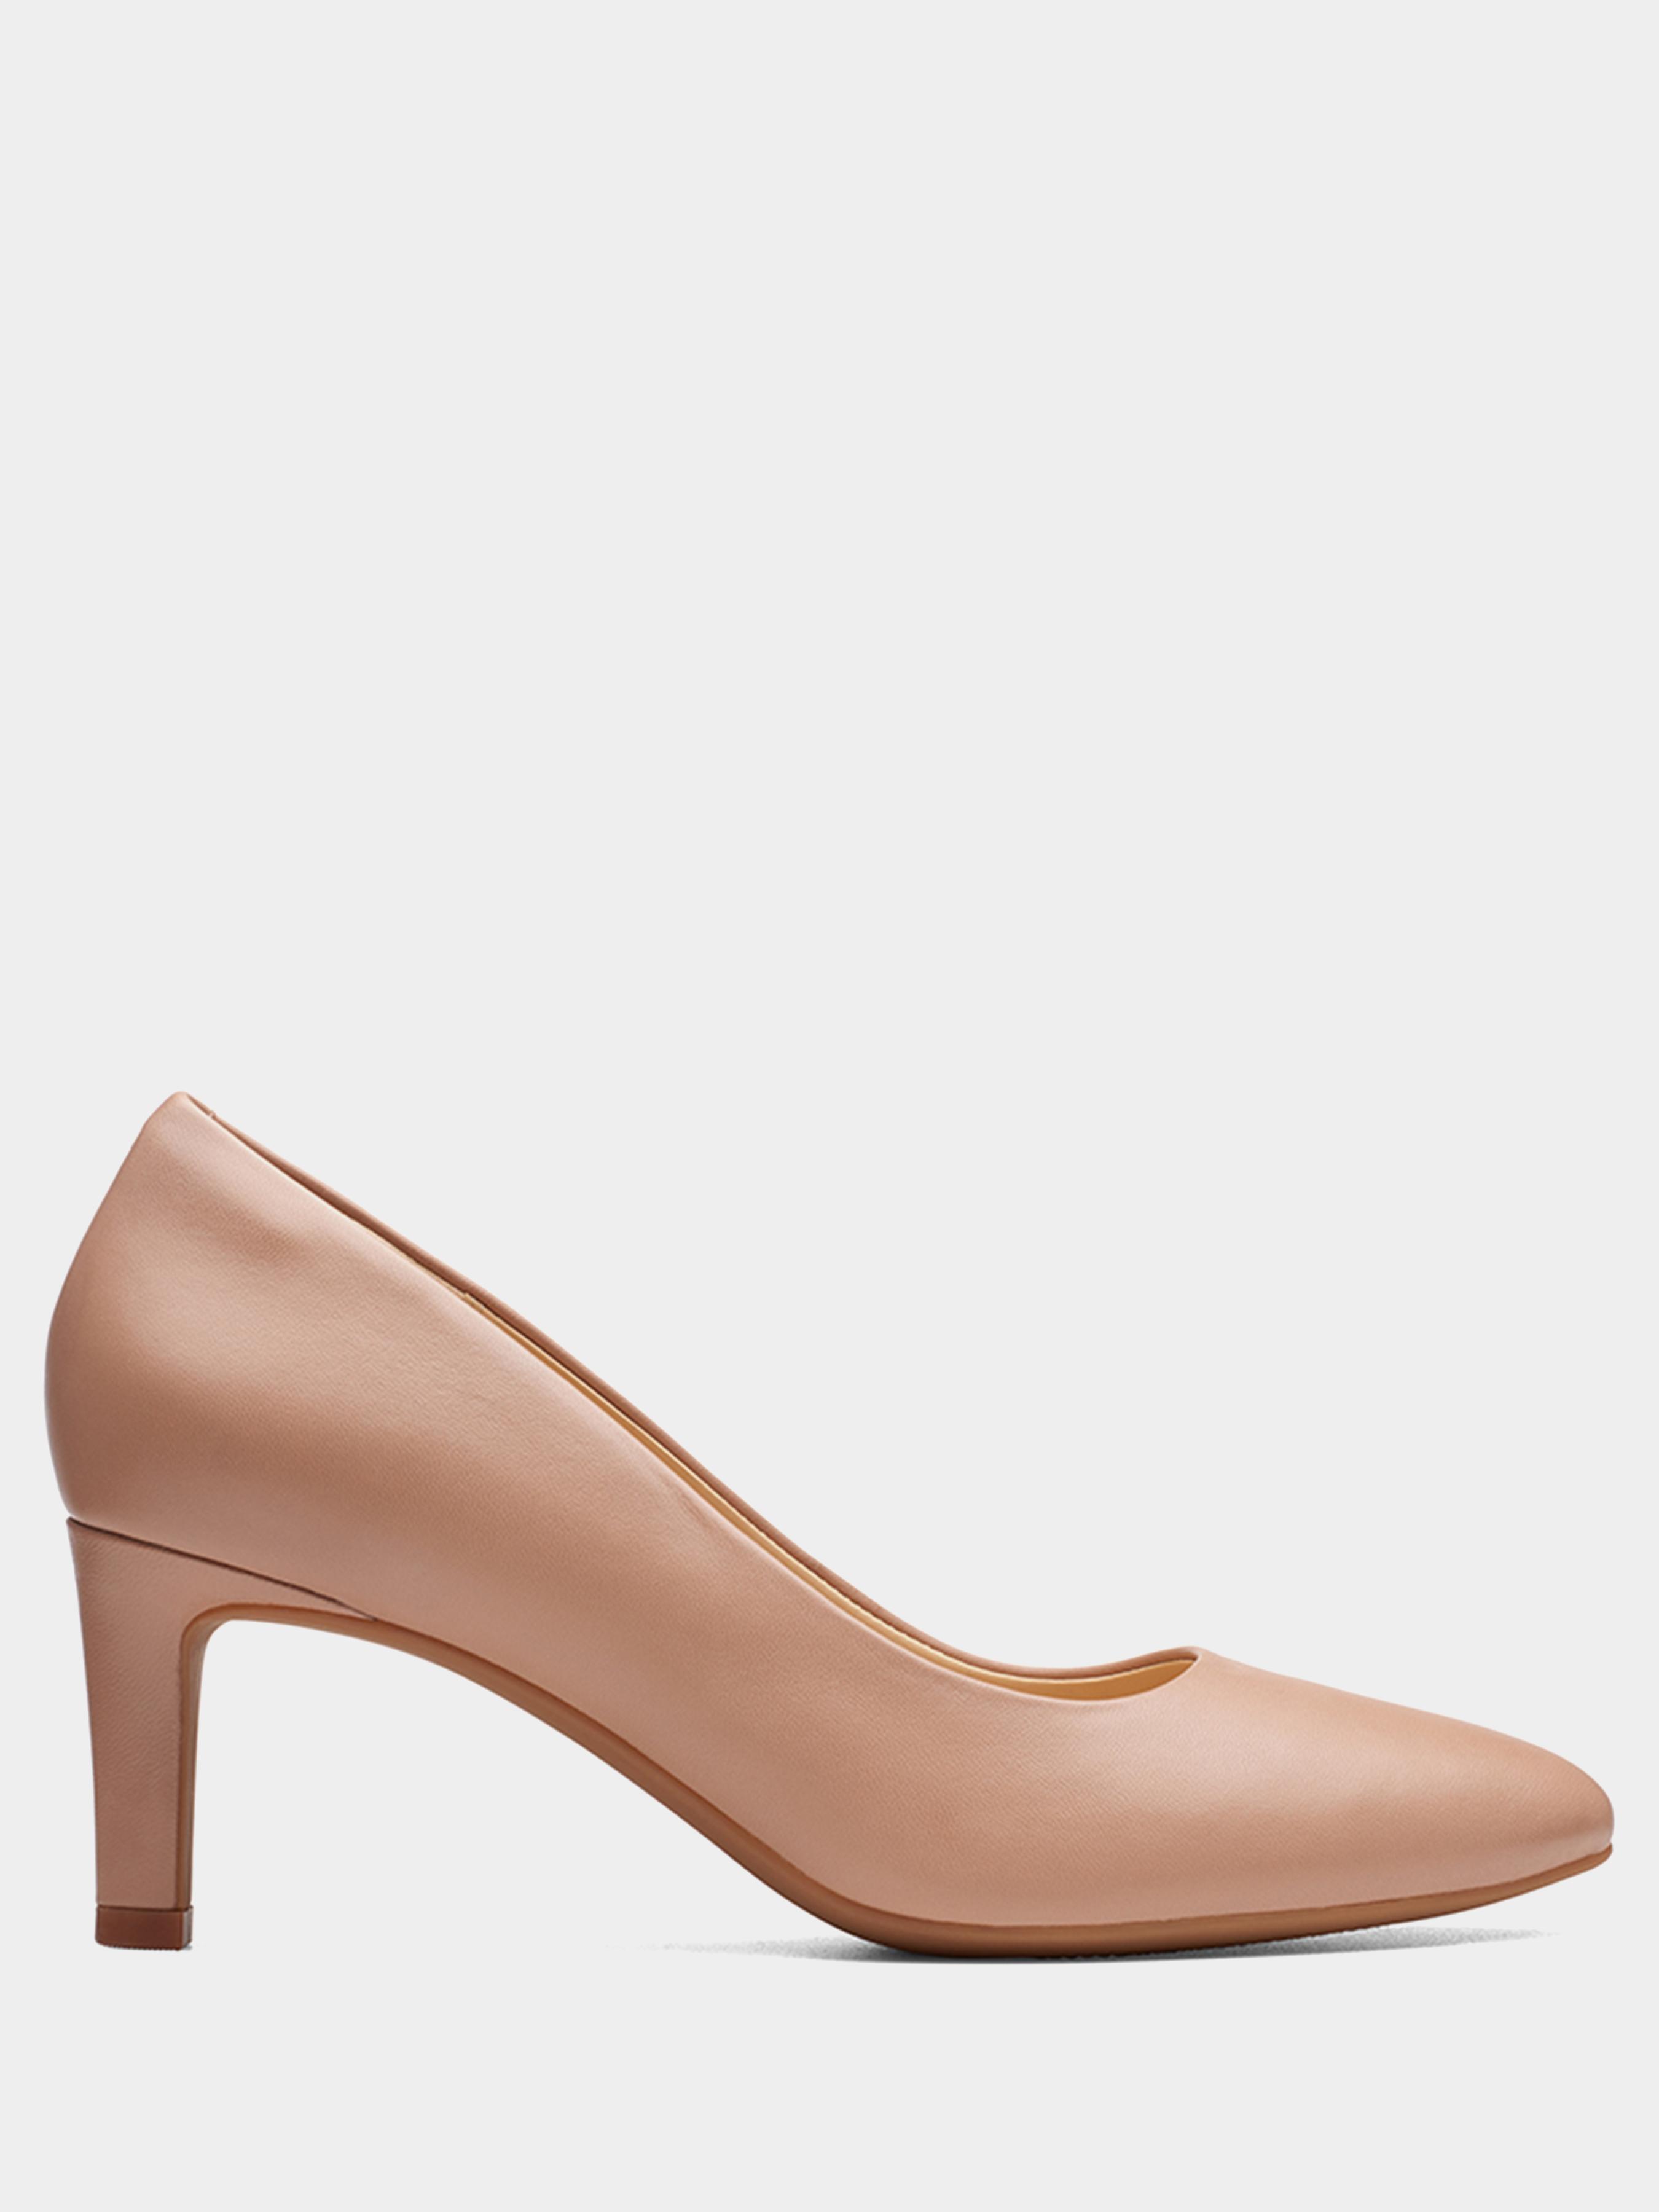 Туфли женские Clarks туфлі жін.(2-9,5 OW4296 Заказать, 2017